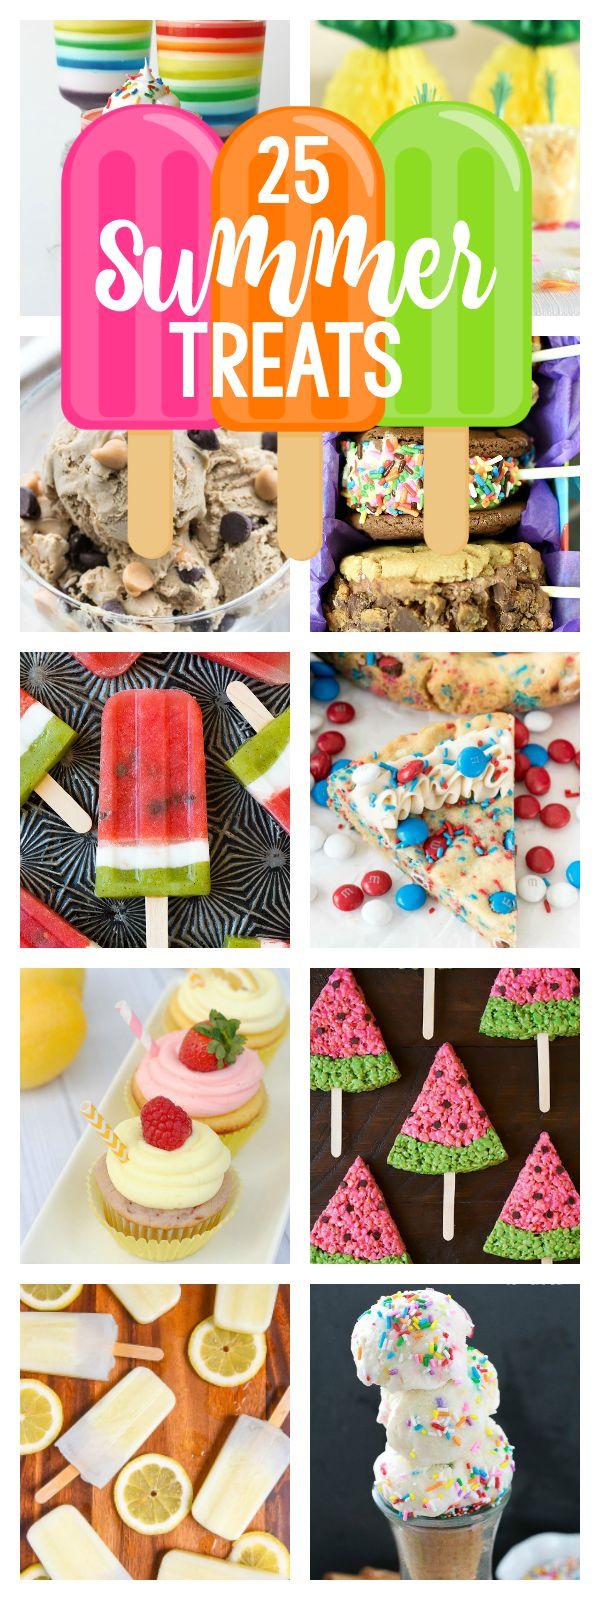 Summer Dessert ideas